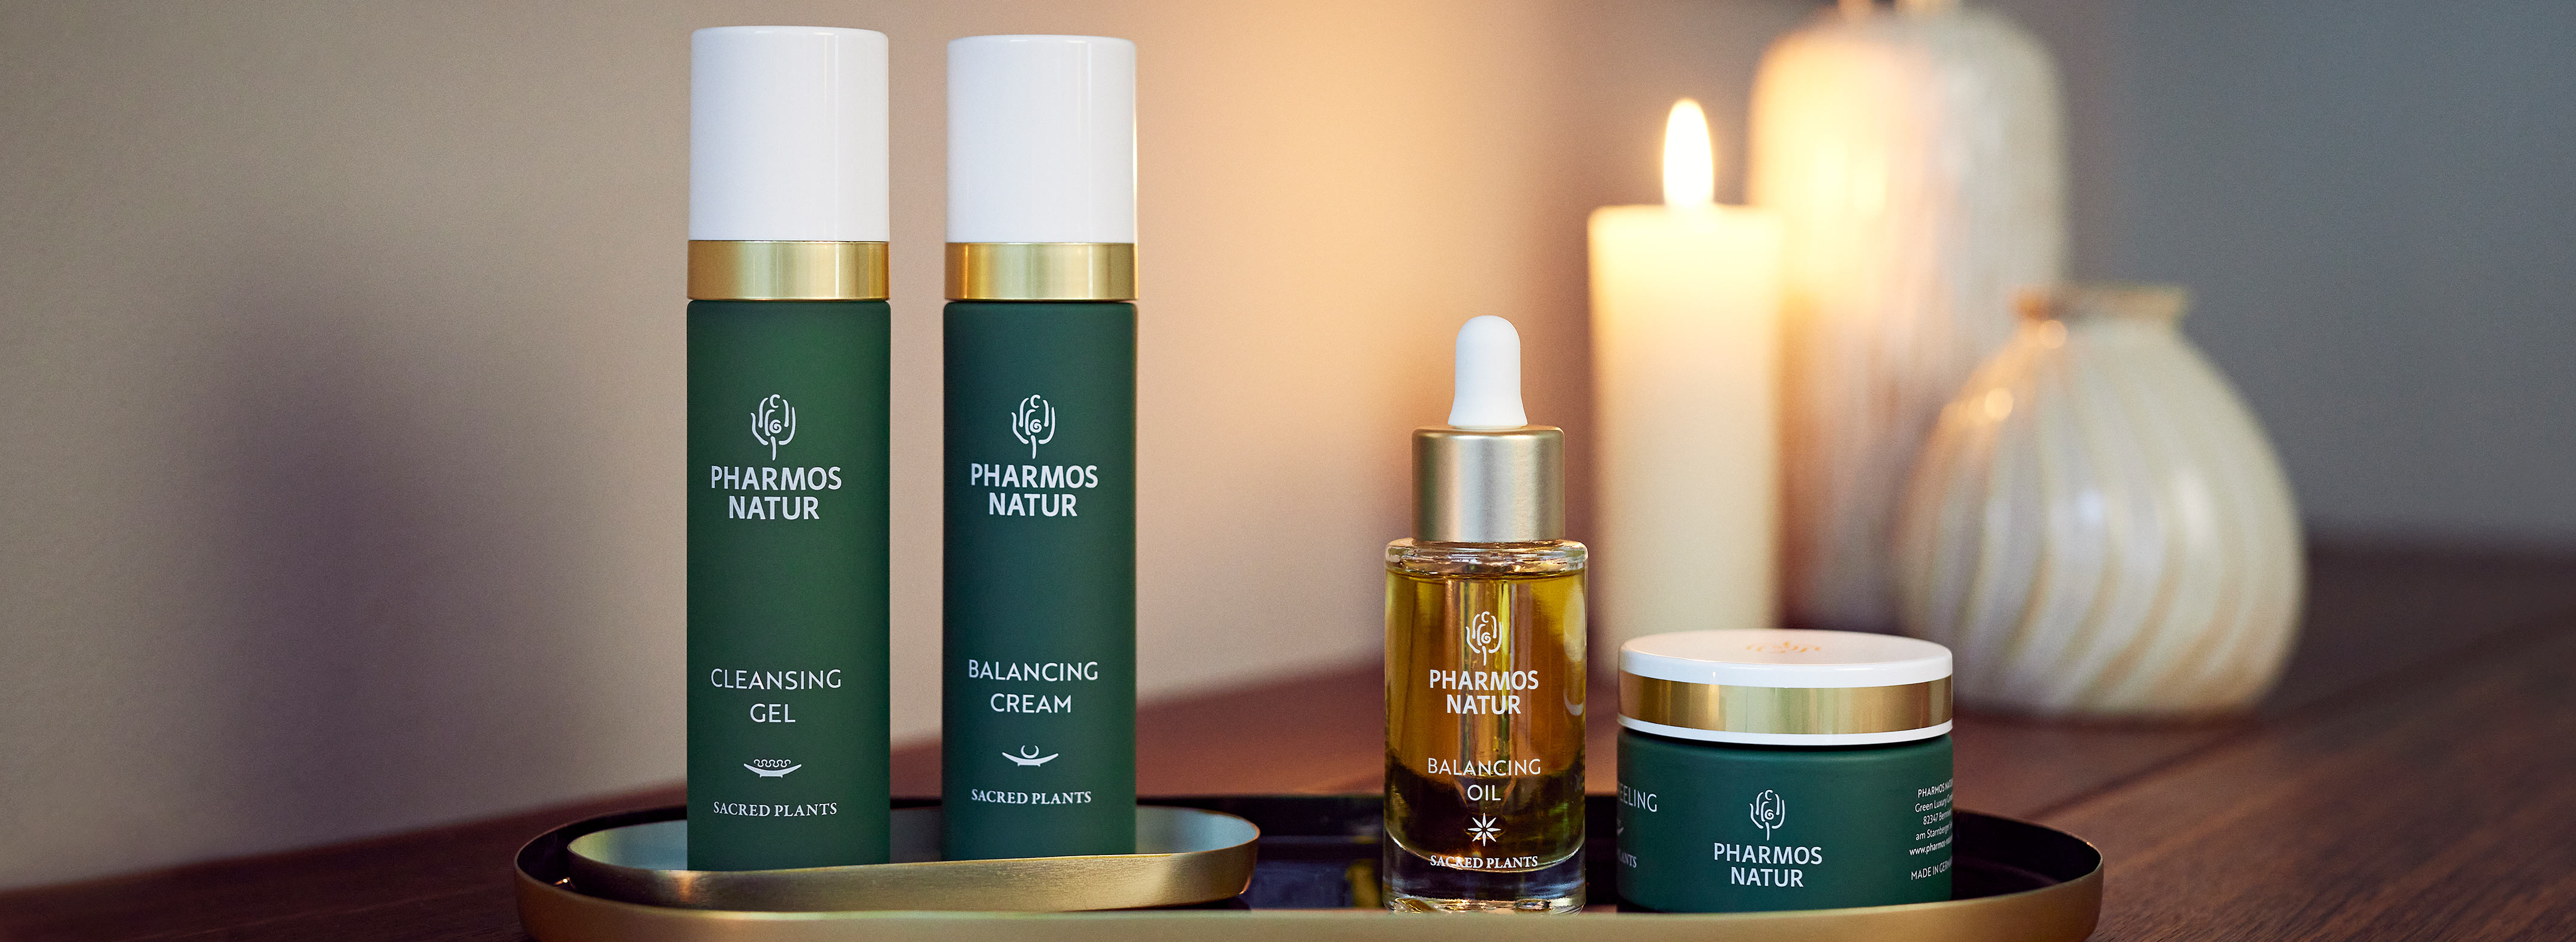 Pharmos Natur Produkte für den Hauttyp Mischhaut